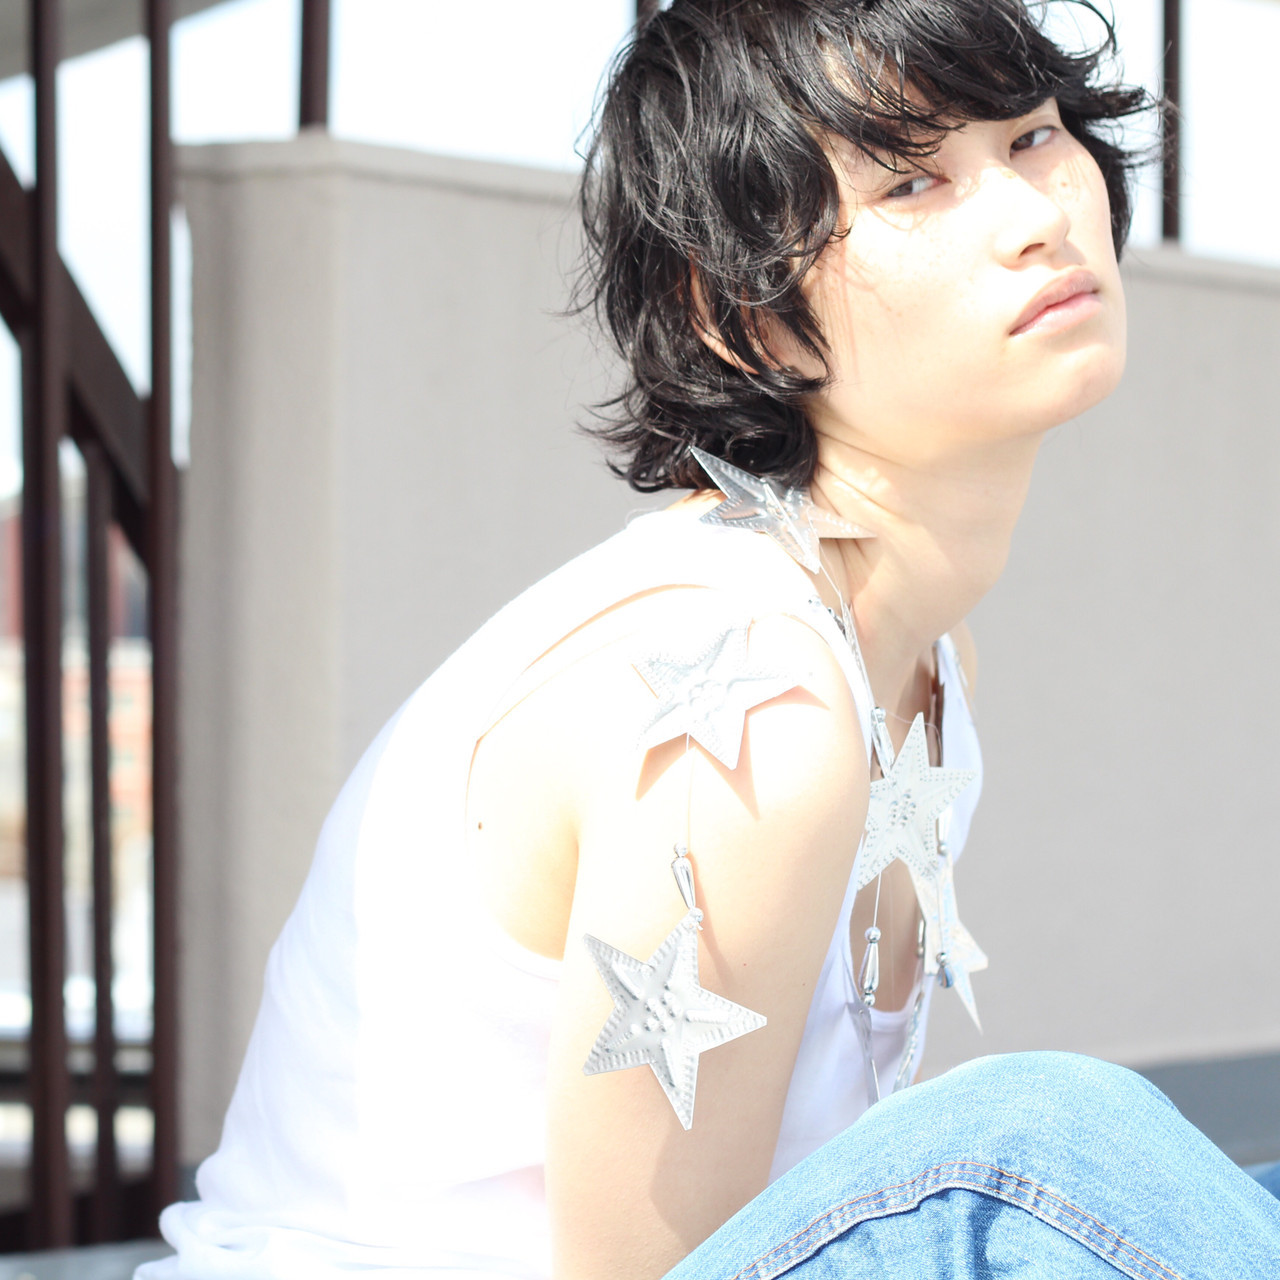 セミウェットがポイントのストリート系暗髪ショート 伊藤 由貴絵hair +resort bouquet